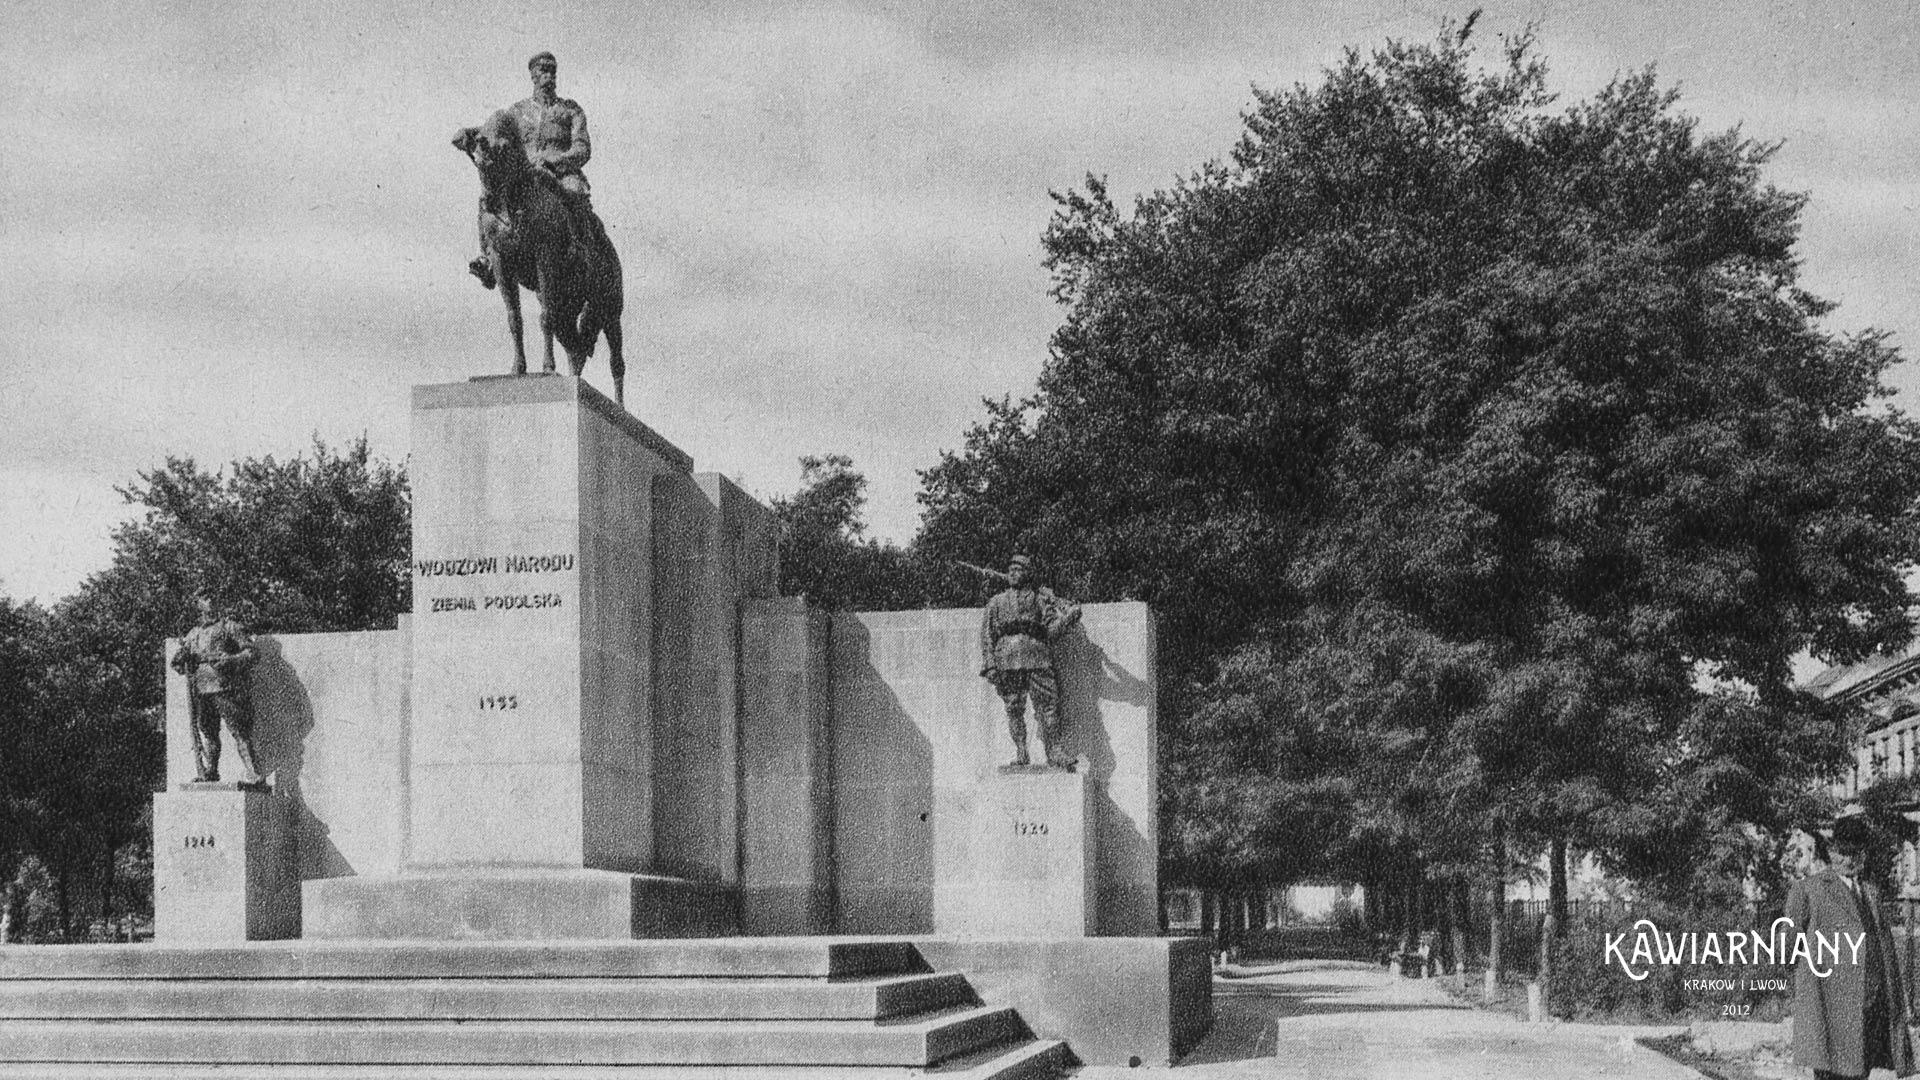 Pomnik Józefa Piłsudskiego, Tarnopol